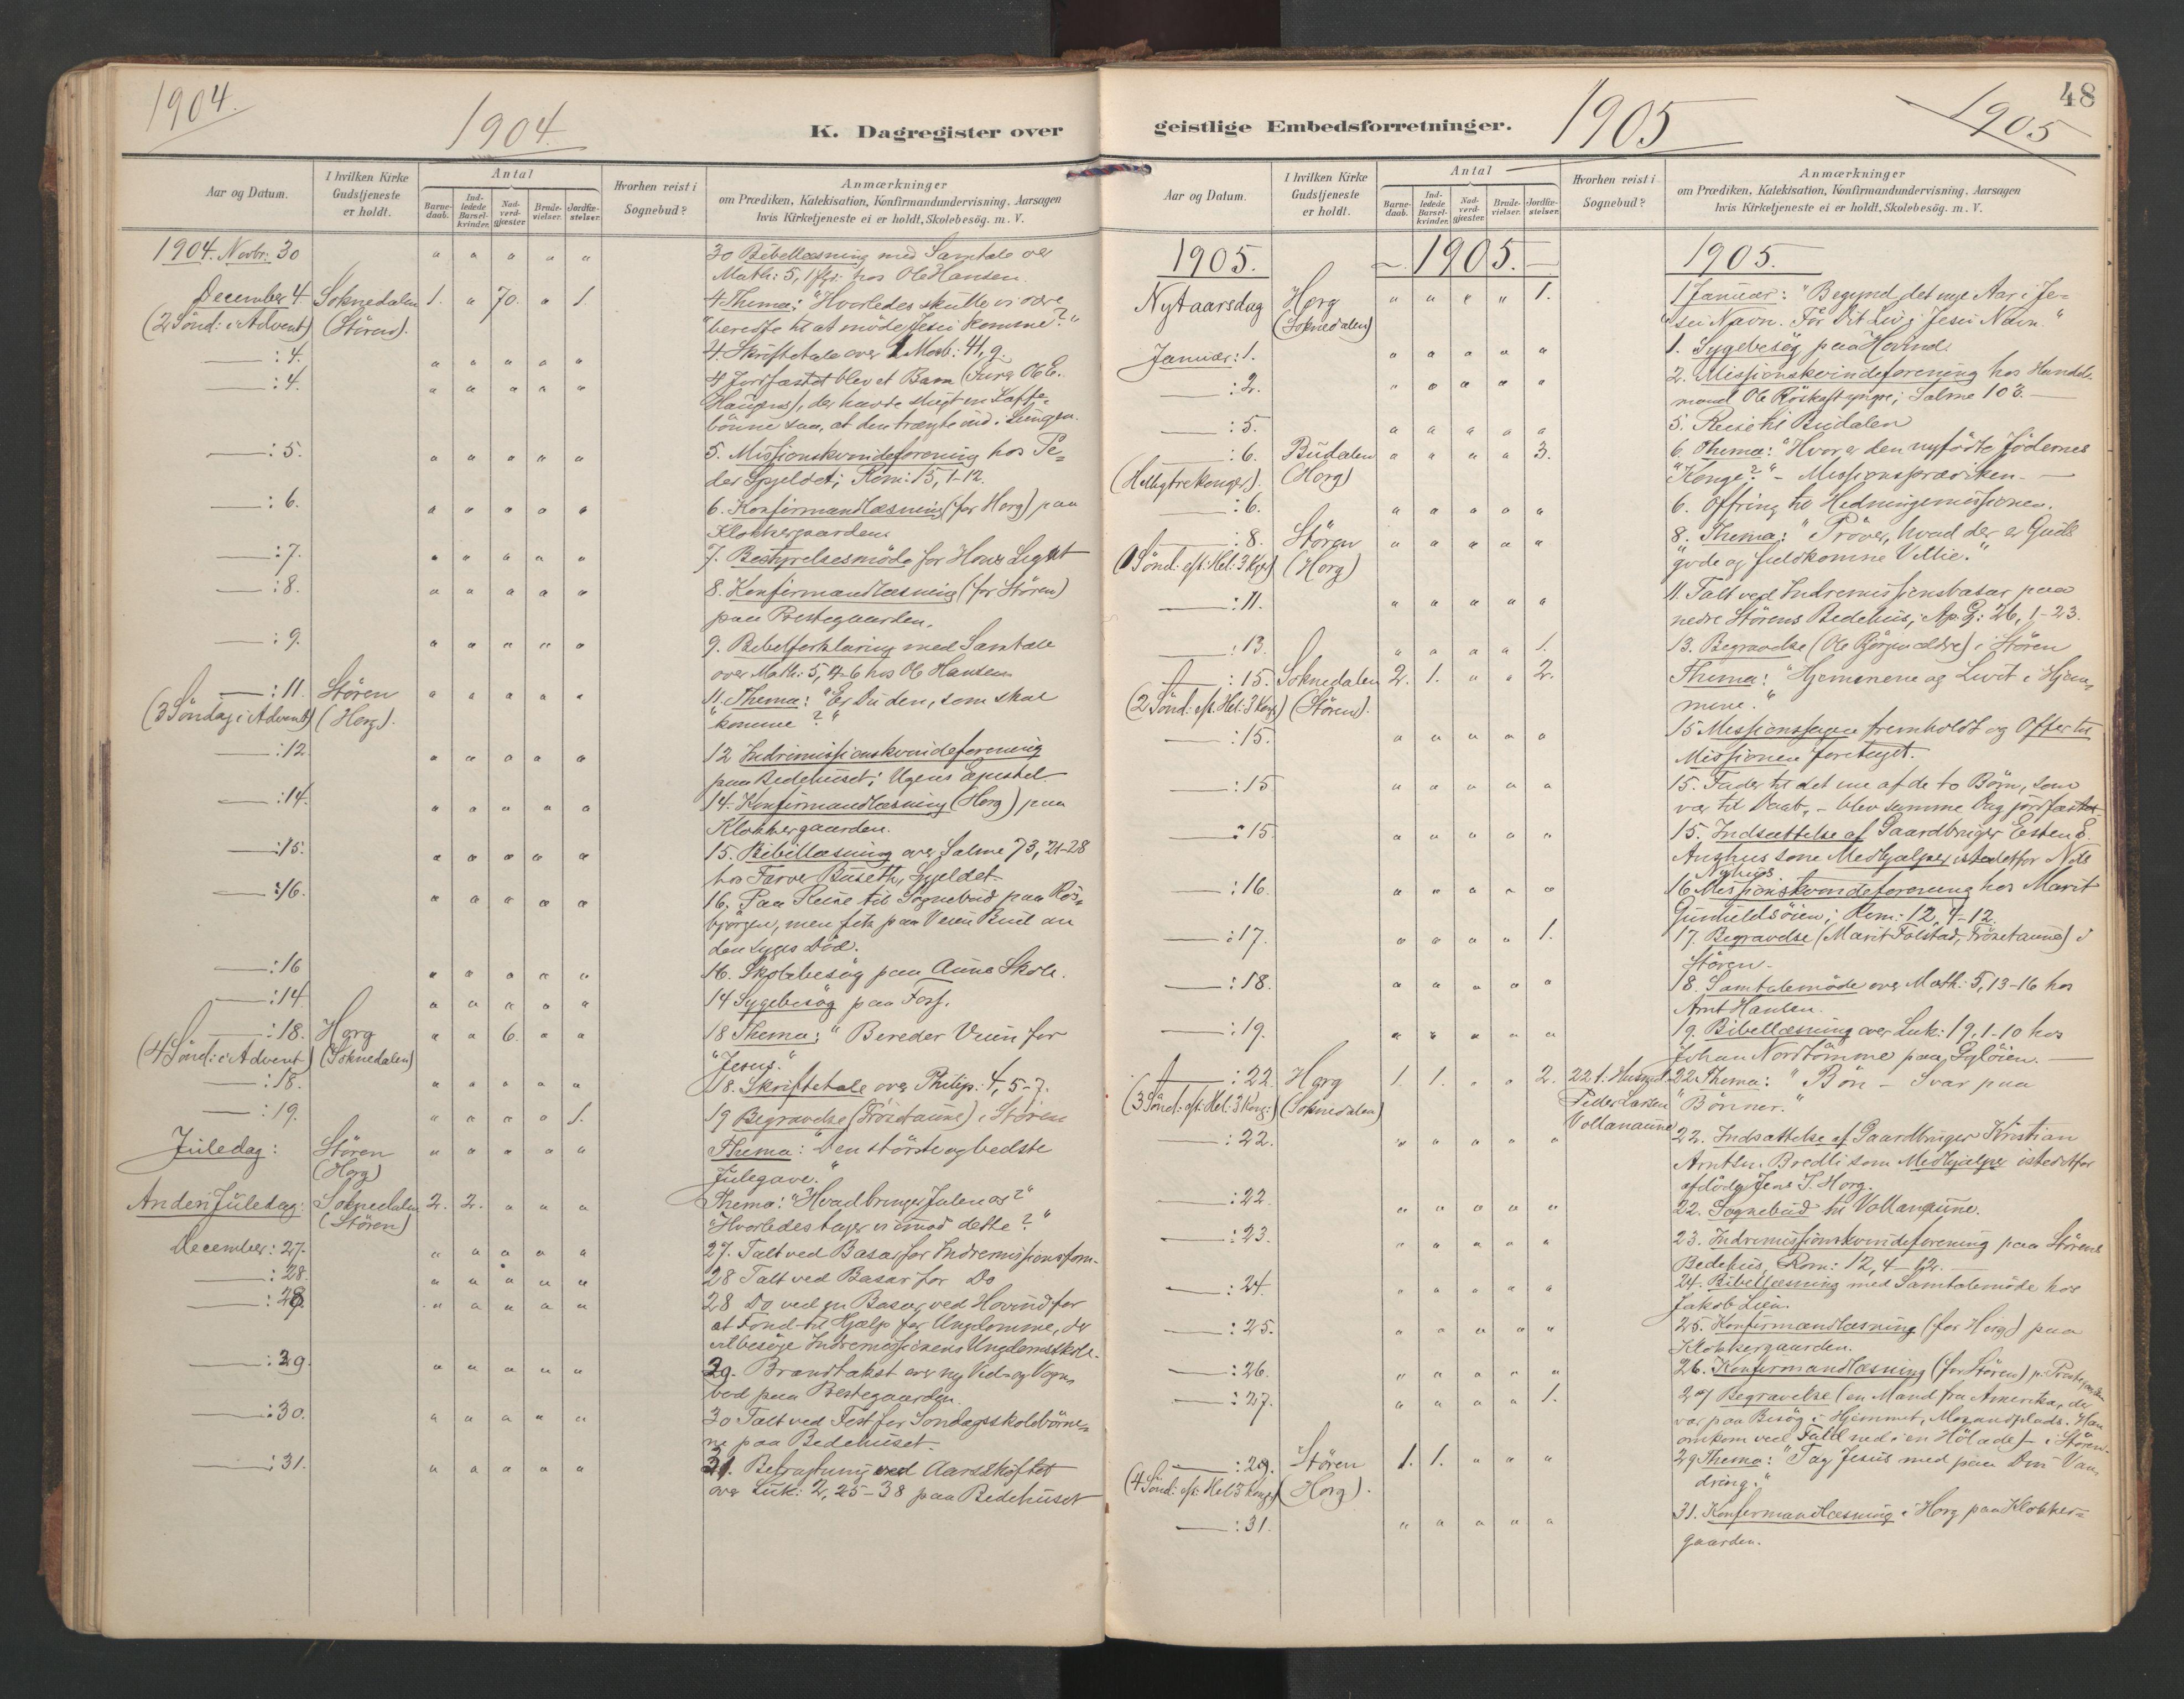 SAT, Ministerialprotokoller, klokkerbøker og fødselsregistre - Sør-Trøndelag, 687/L1005: Diary records no. 687A11, 1891-1912, p. 48